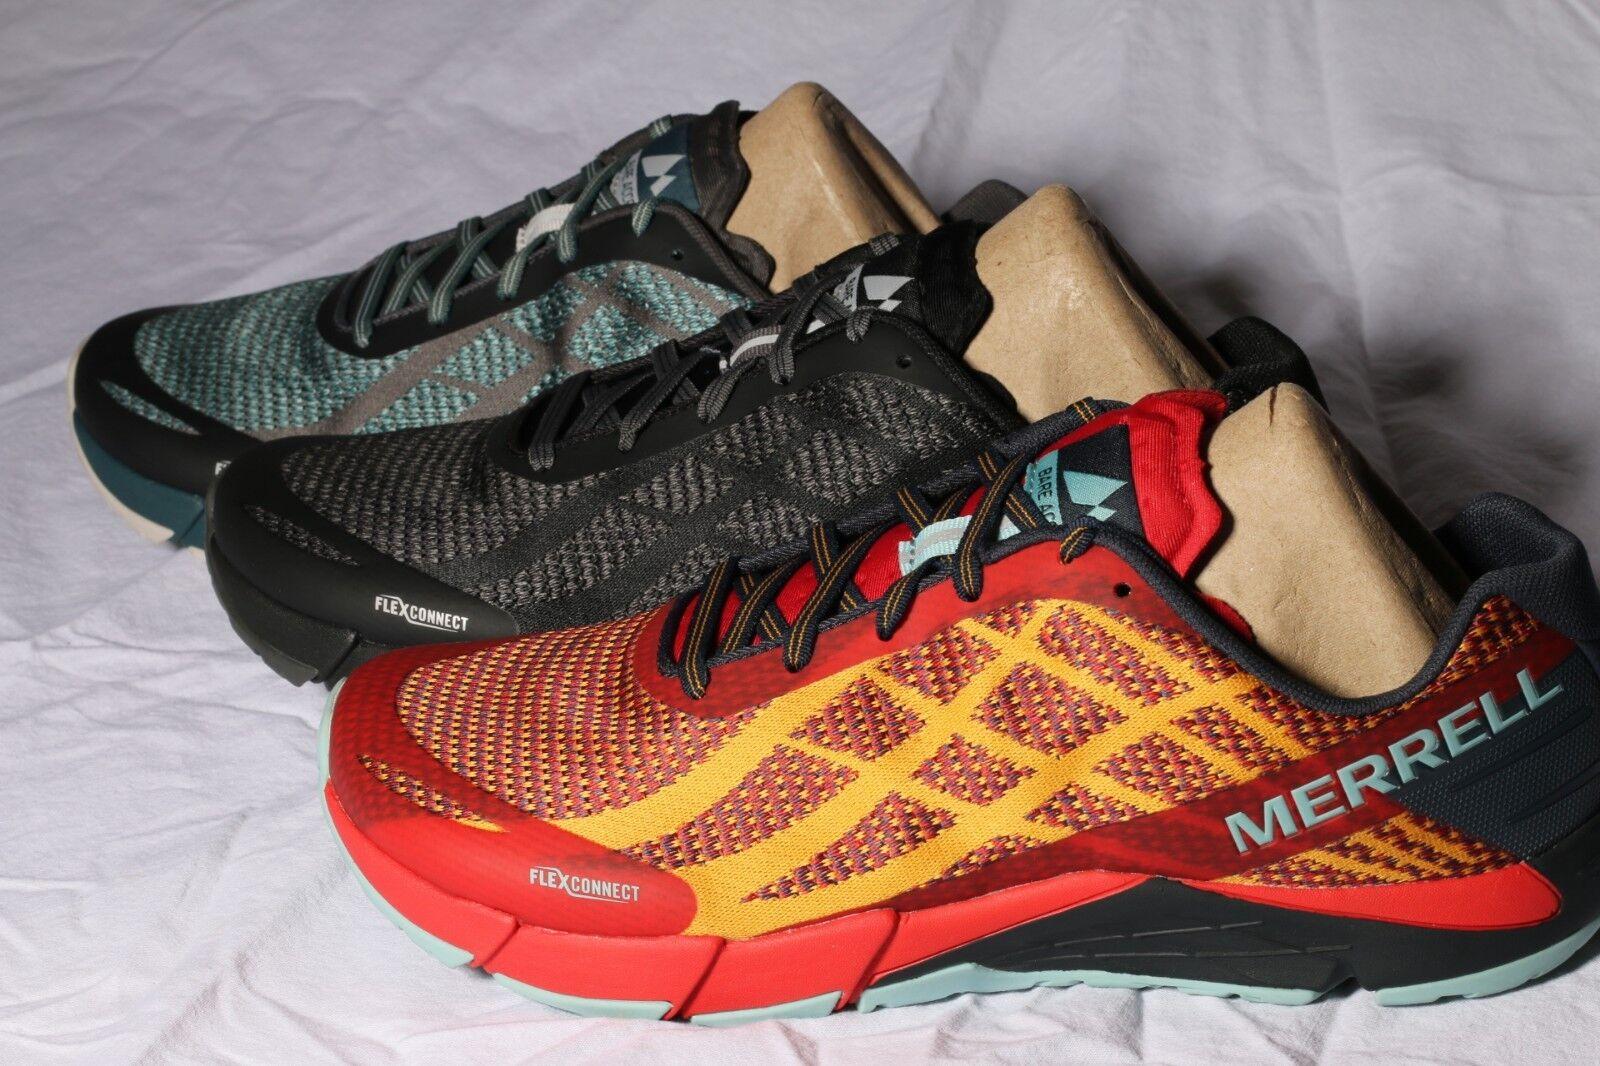 New Merrell Men's Bare Access Flex Shield Athletic shoes Size 9 M 43 EUR